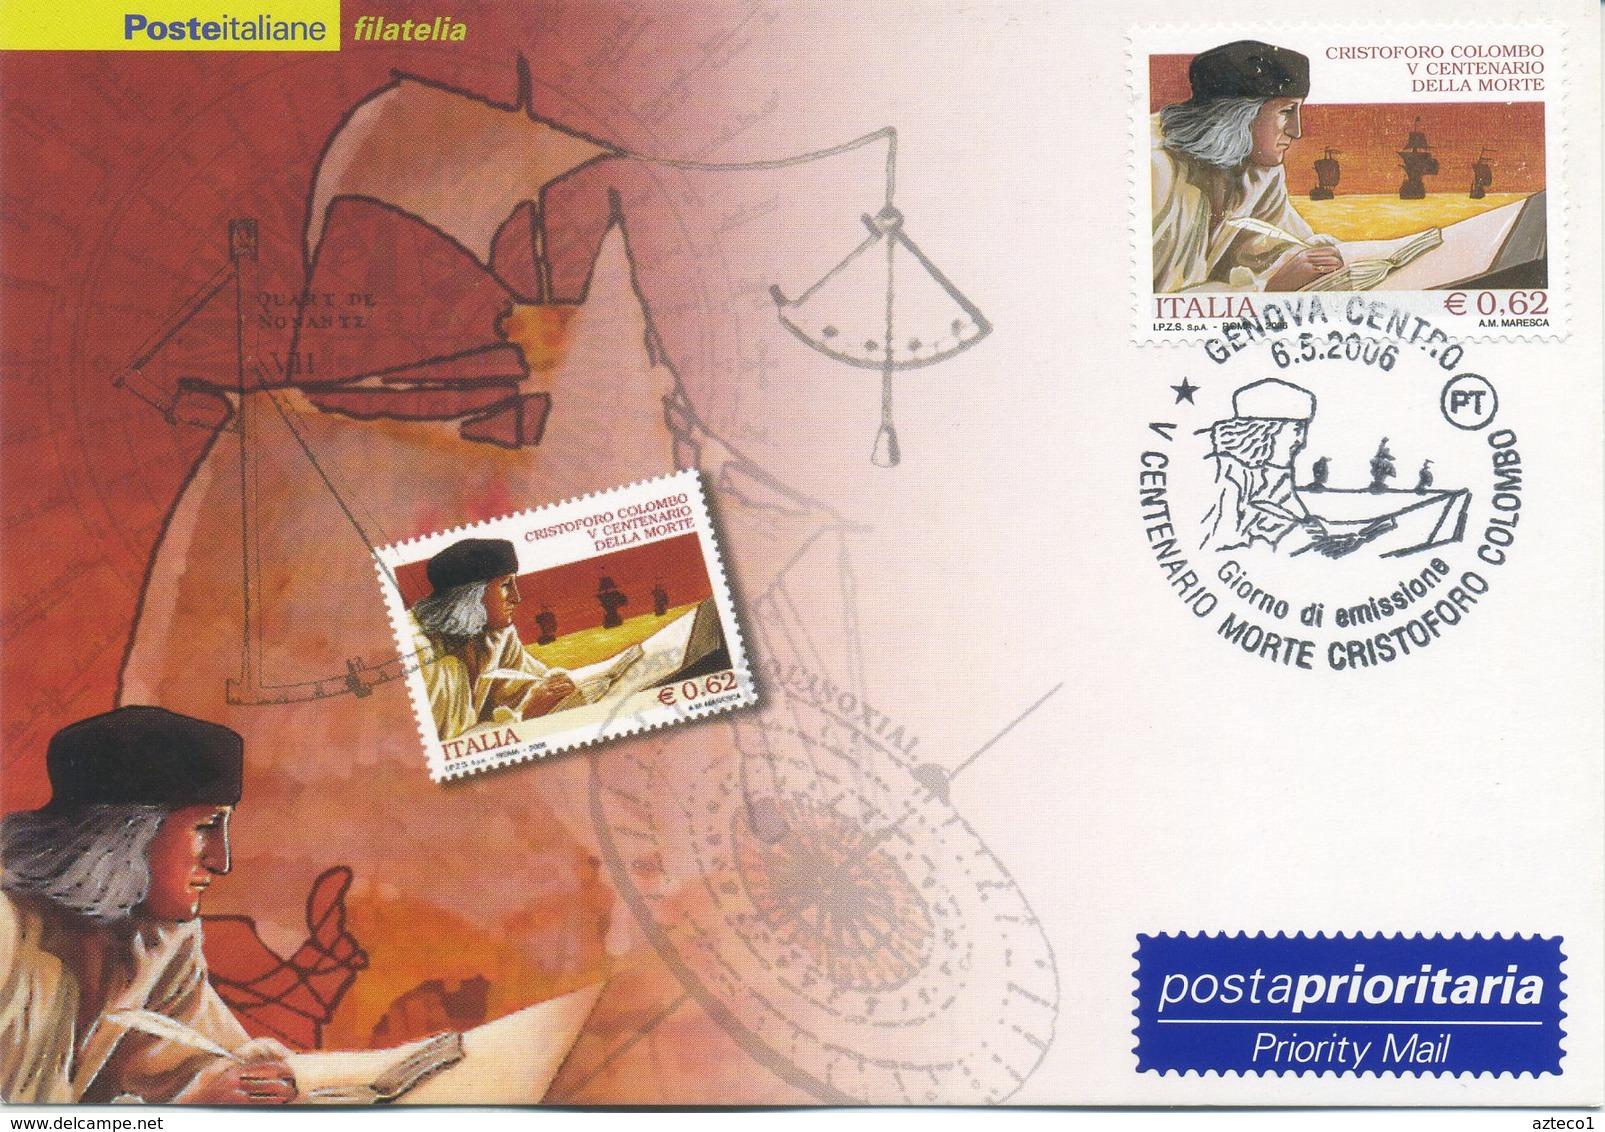 ITALIA - FDC MAXIMUM CARD 2006 - CRISTOFORO COLOMBO - ANNULLO SPECIALE GENOVA - Maximumkarten (MC)